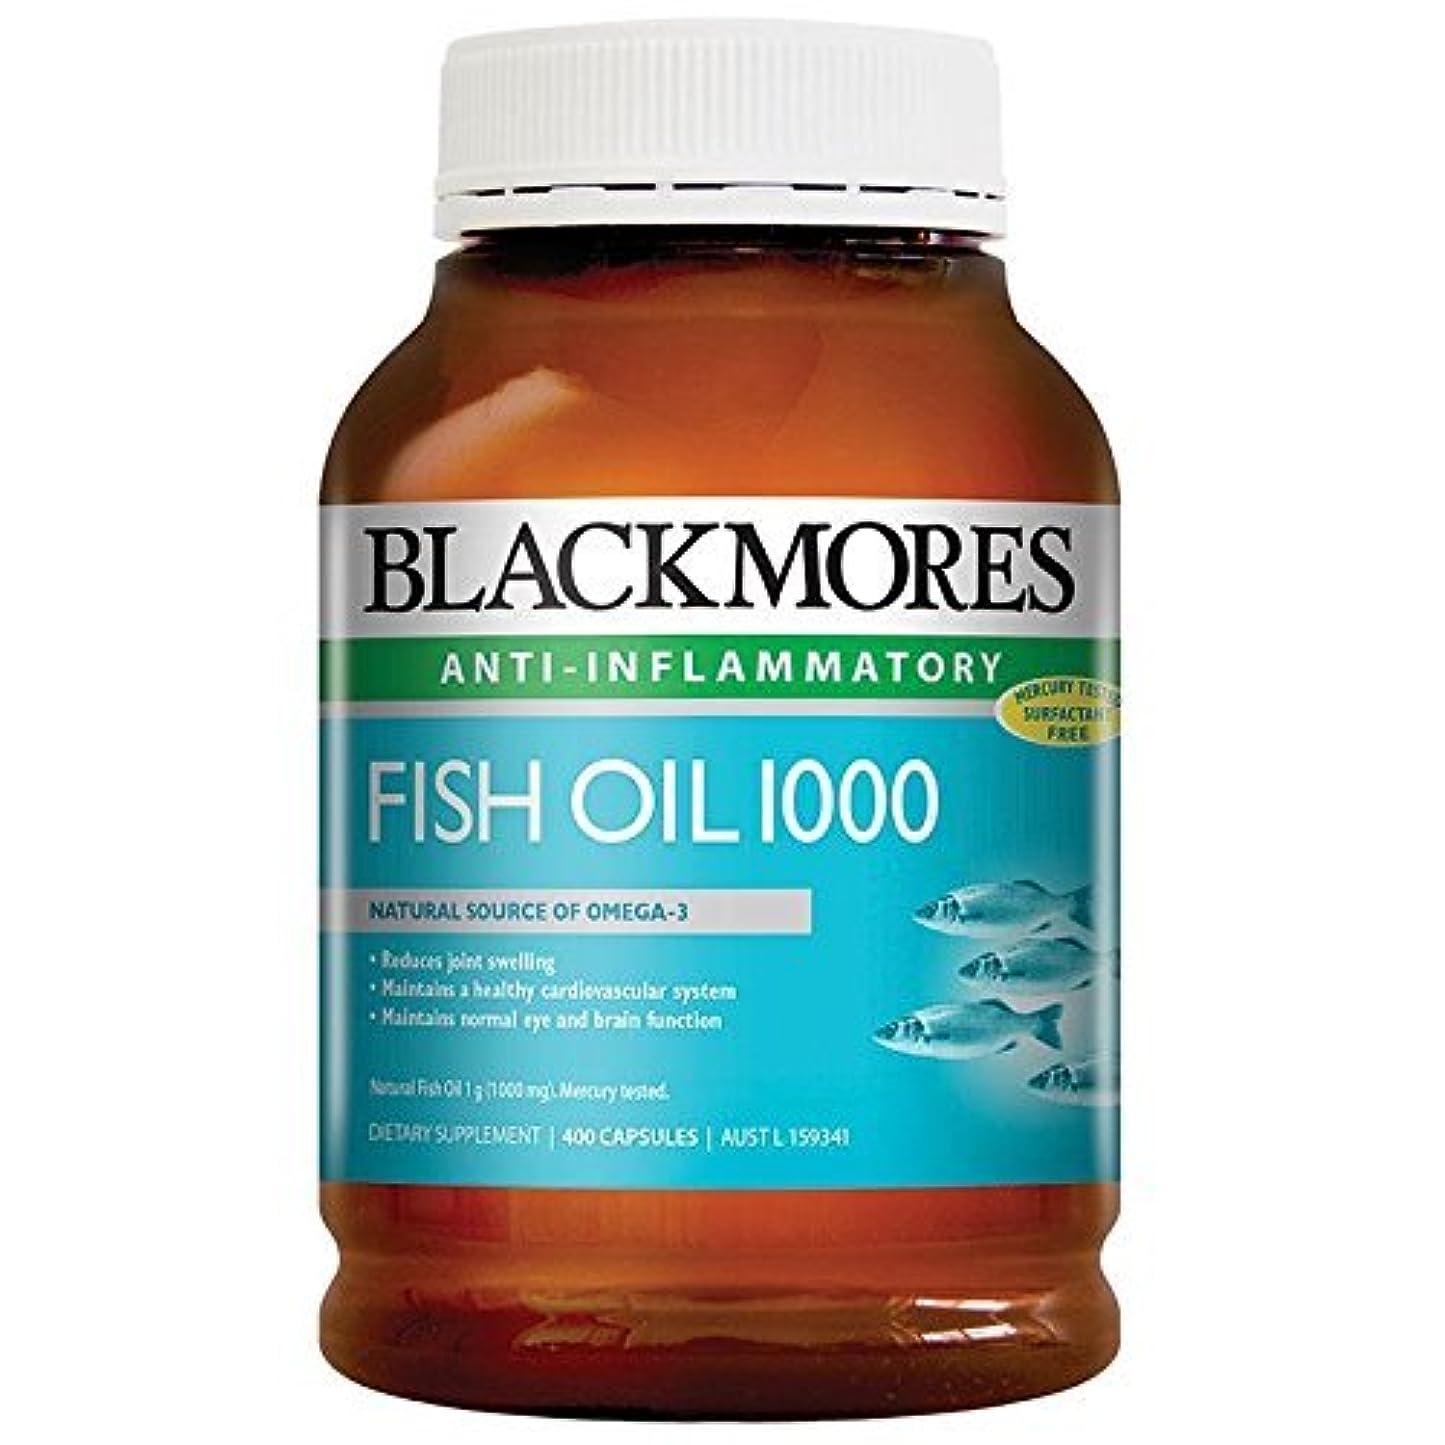 知覚師匠衣服Blackmores Fish Oil 400 Caps 1000 Omega3 Dha, EPA Fatty Acids with 1pcs Chinese Knot Gift by Blackmores LTD